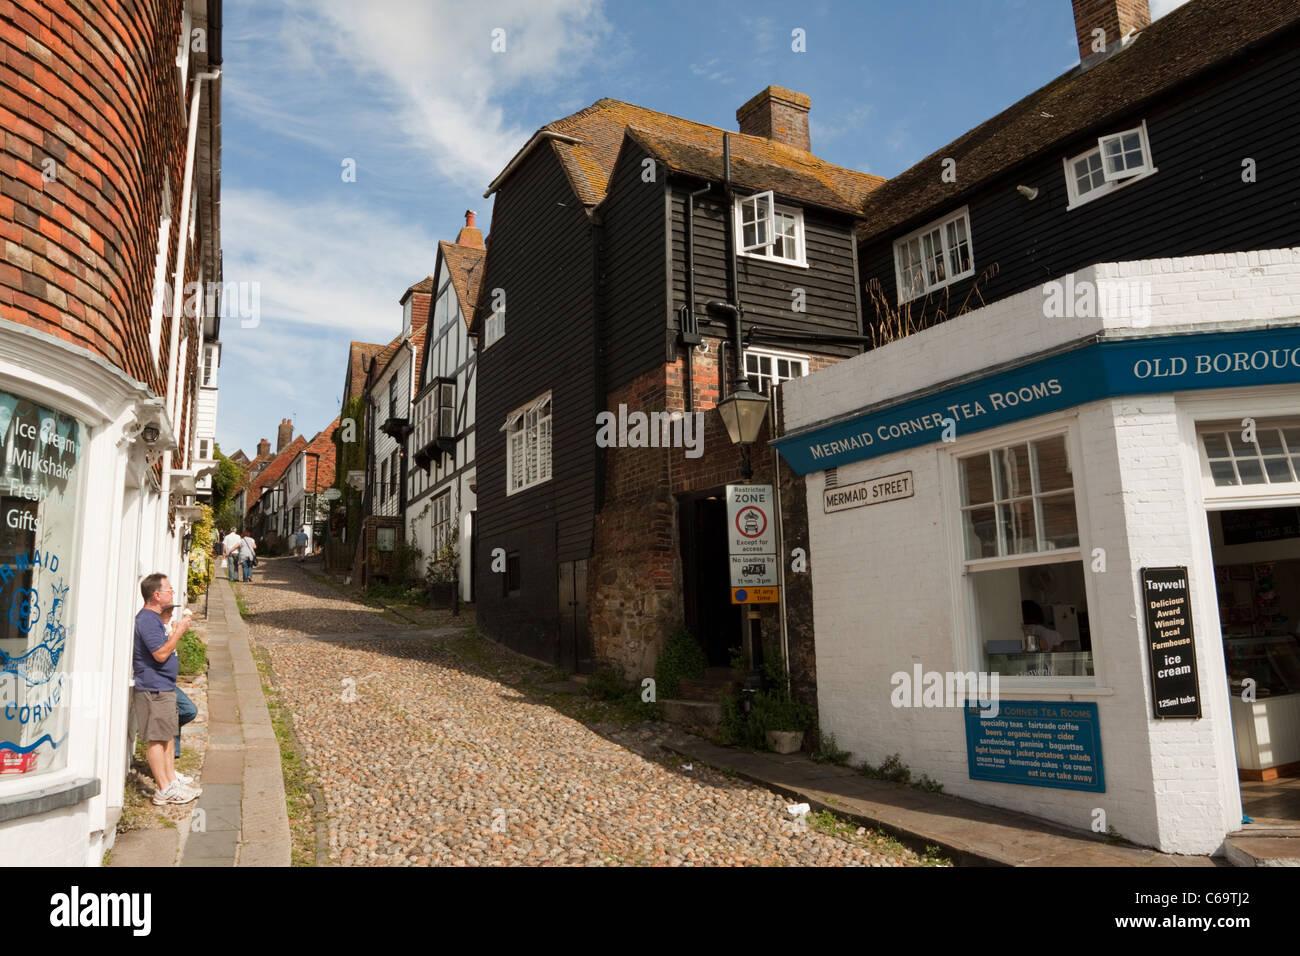 Mermaid Street, Rye, East Sussex, England, UK - Stock Image